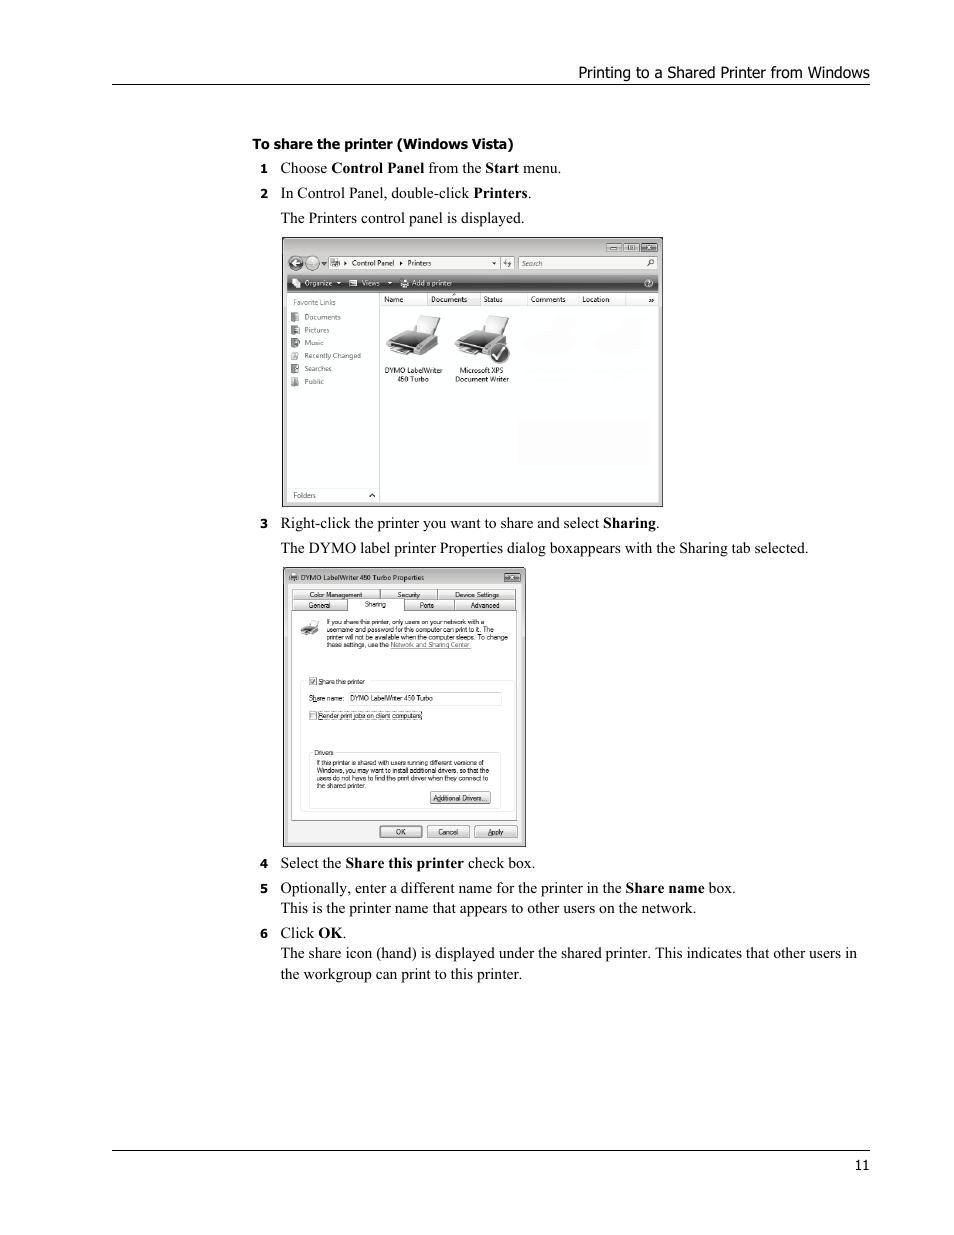 Dymo LabelWriter 450 Turbo Hardware Manual User Manual   Page 15